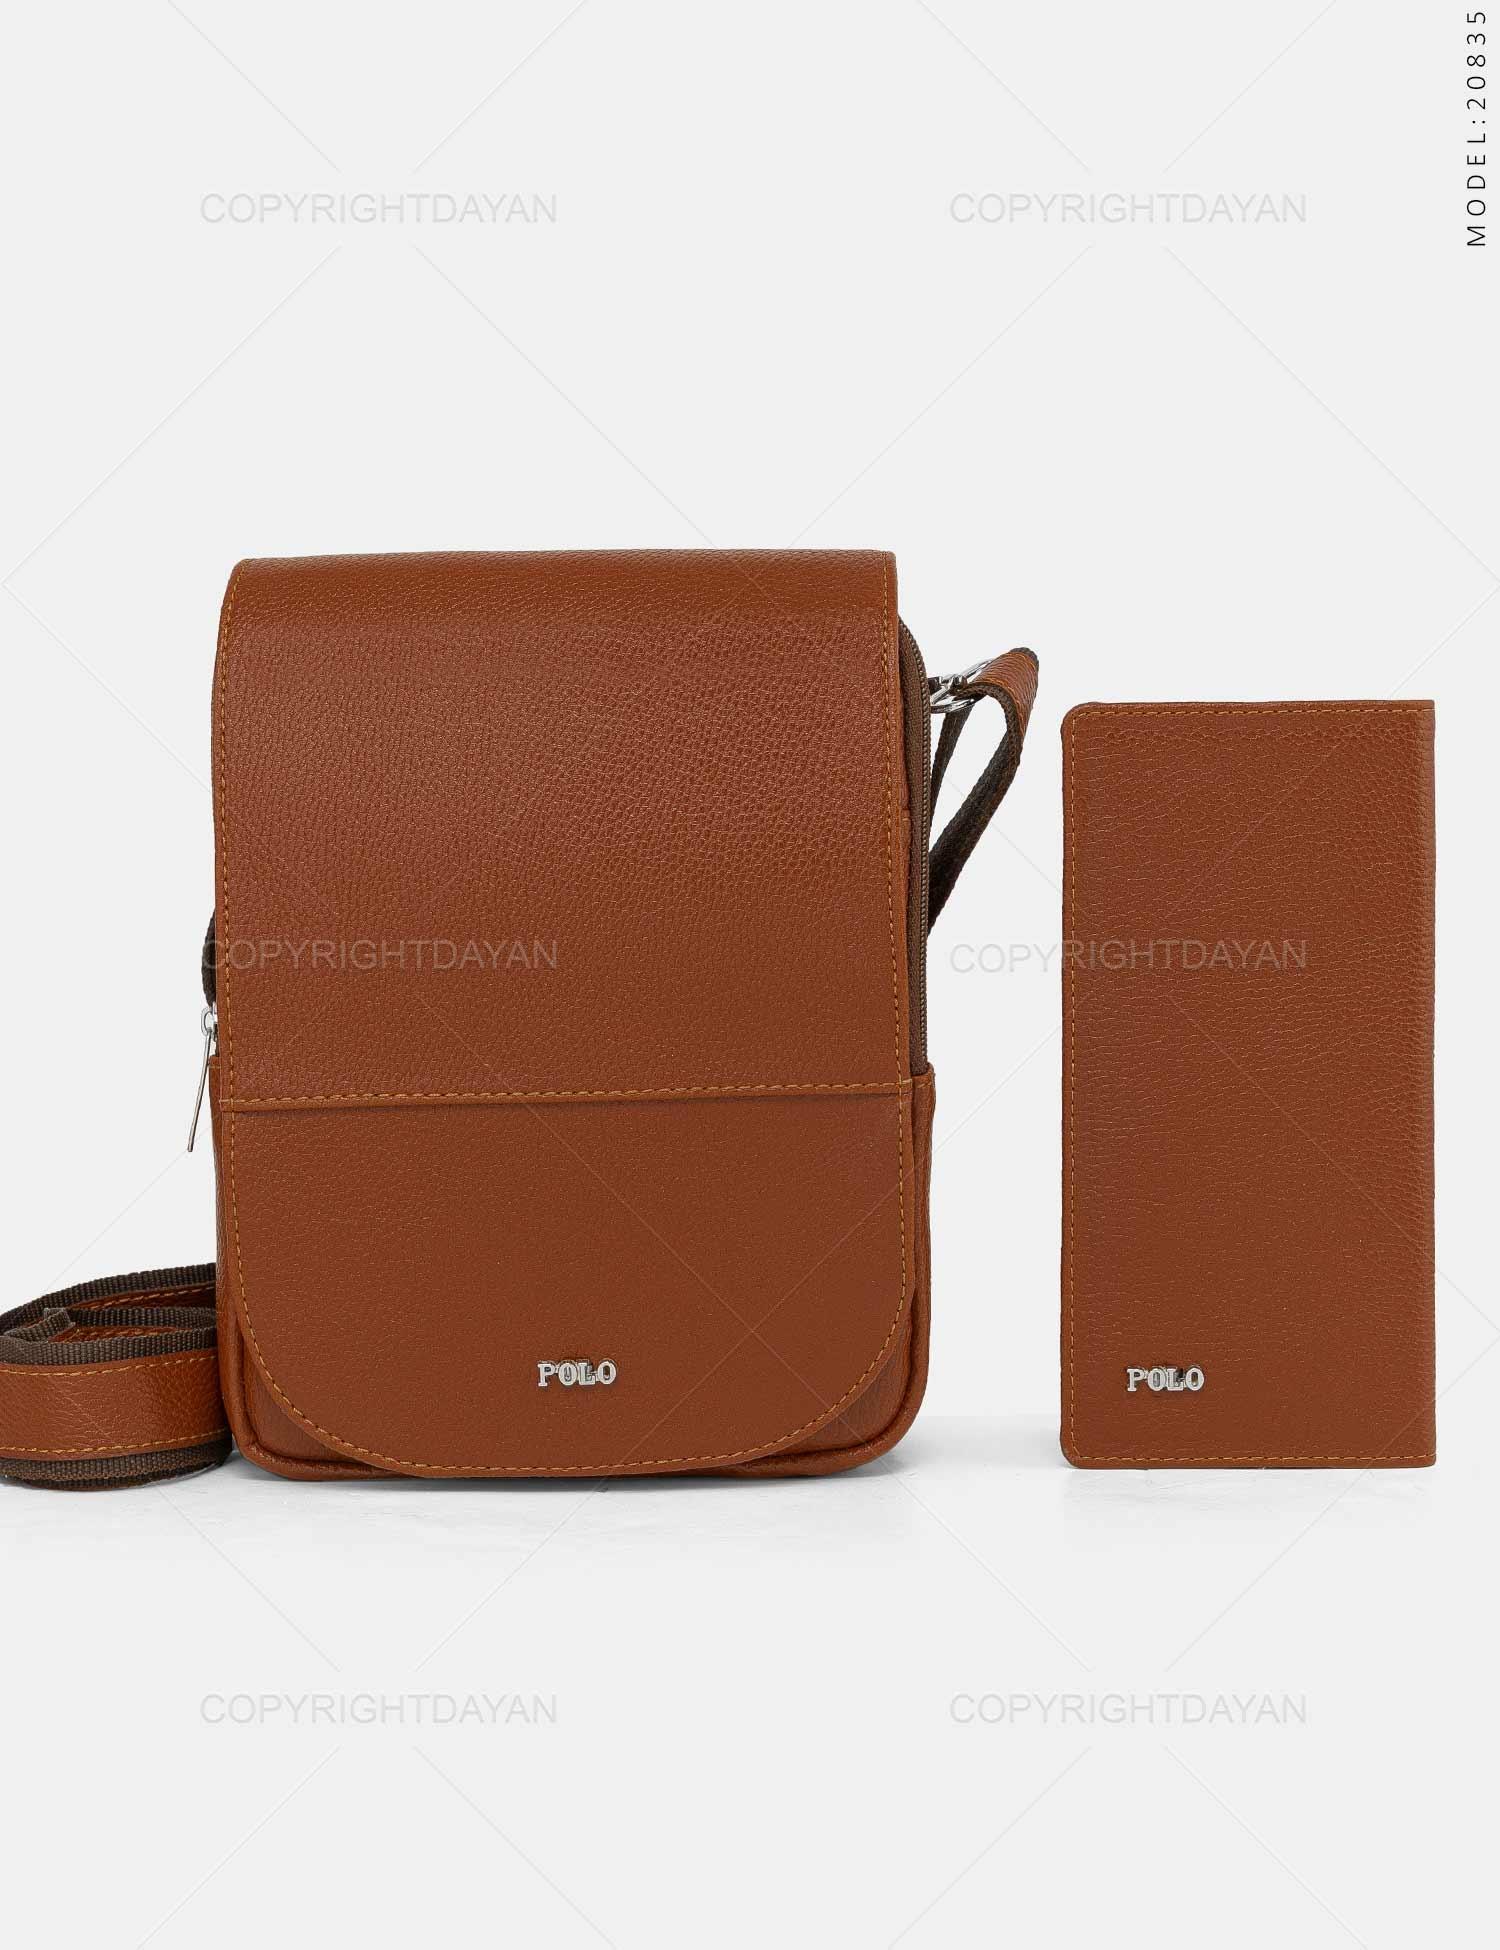 ست کیف دوشی و کیف پالتویی Polo مدل 20835